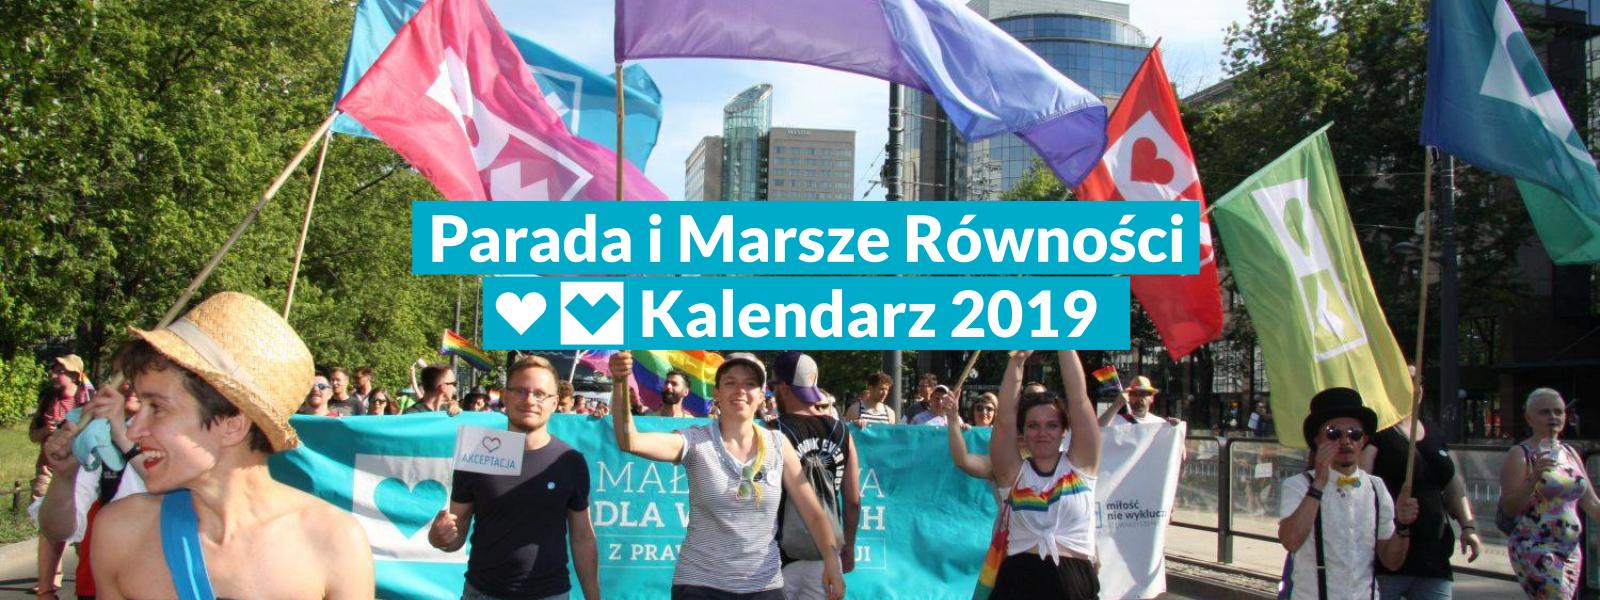 Parada i Marsze Równości 2019